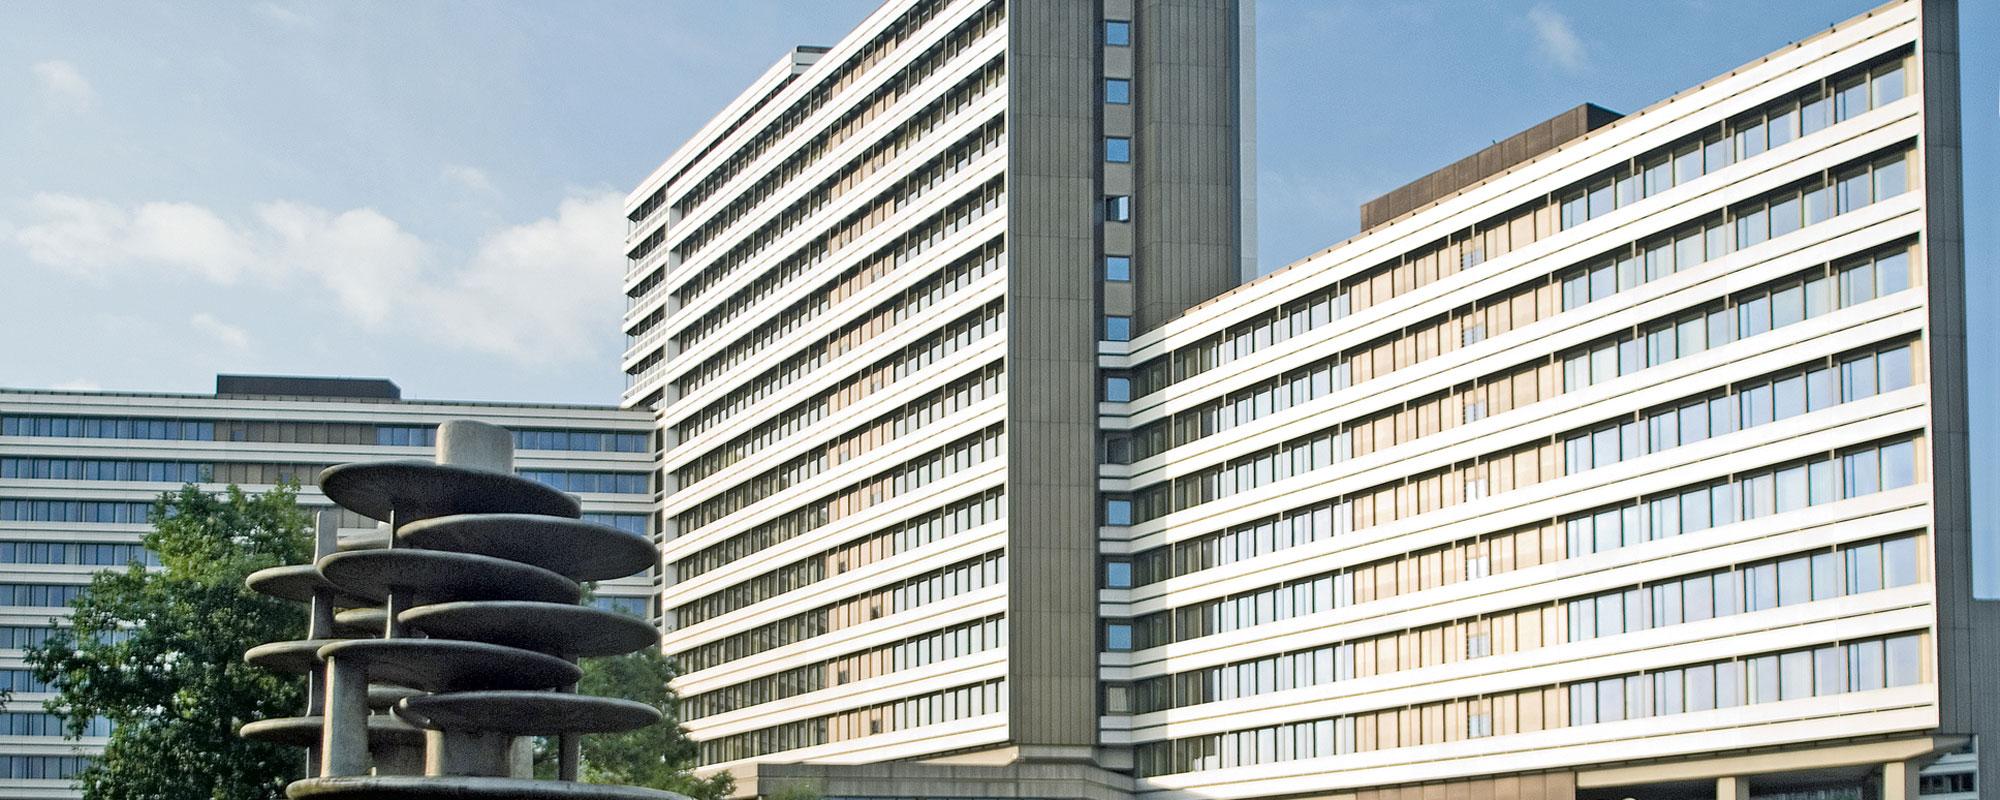 Zentrale Nürnberg